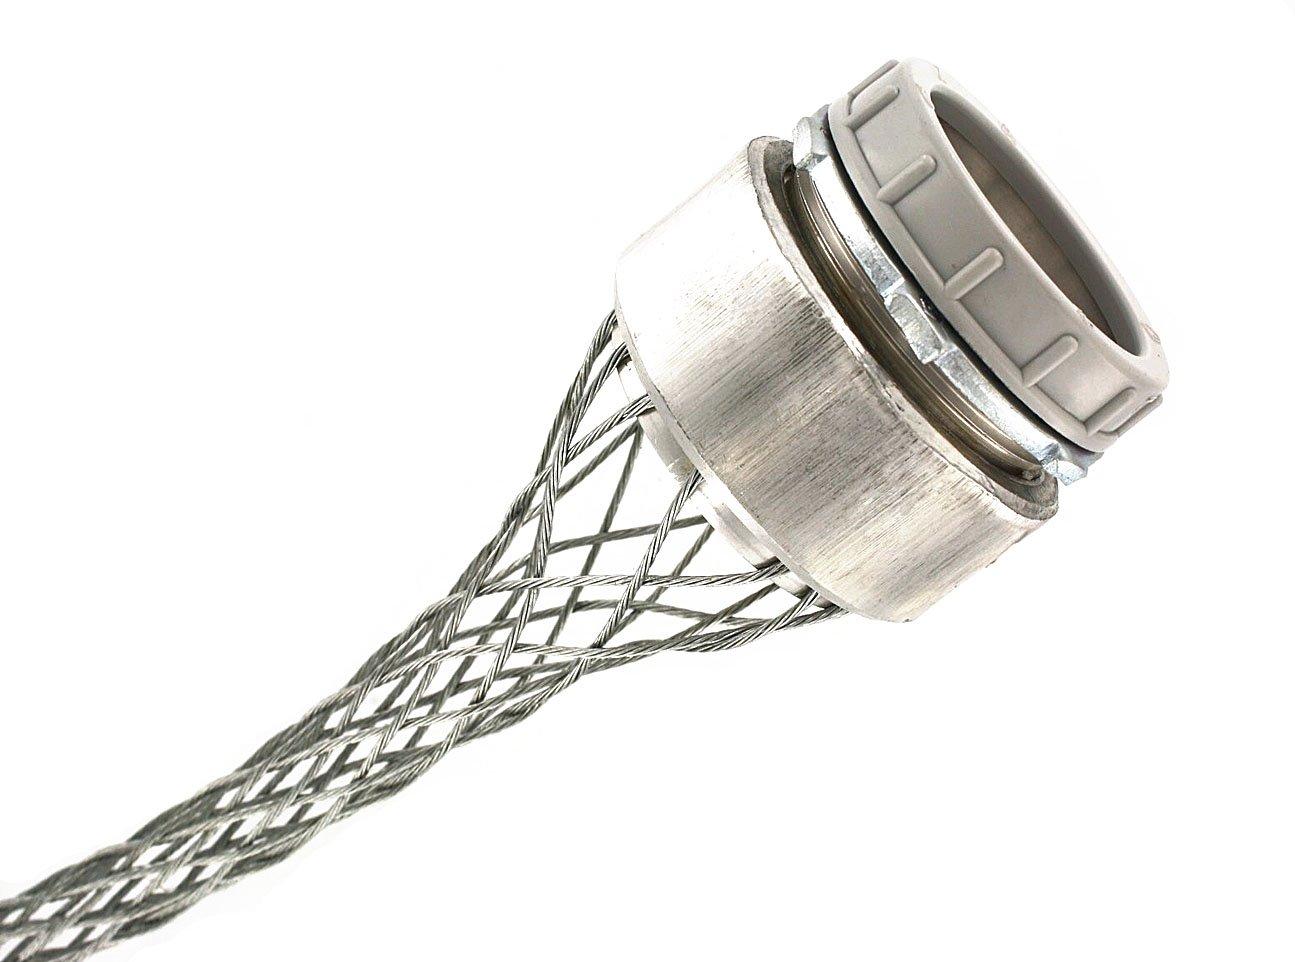 Leviton L7508 2-Inch, Straight, Male, Steel Body, Wide-Range Strain-Relief, 1.400, 1.750 Cord Range